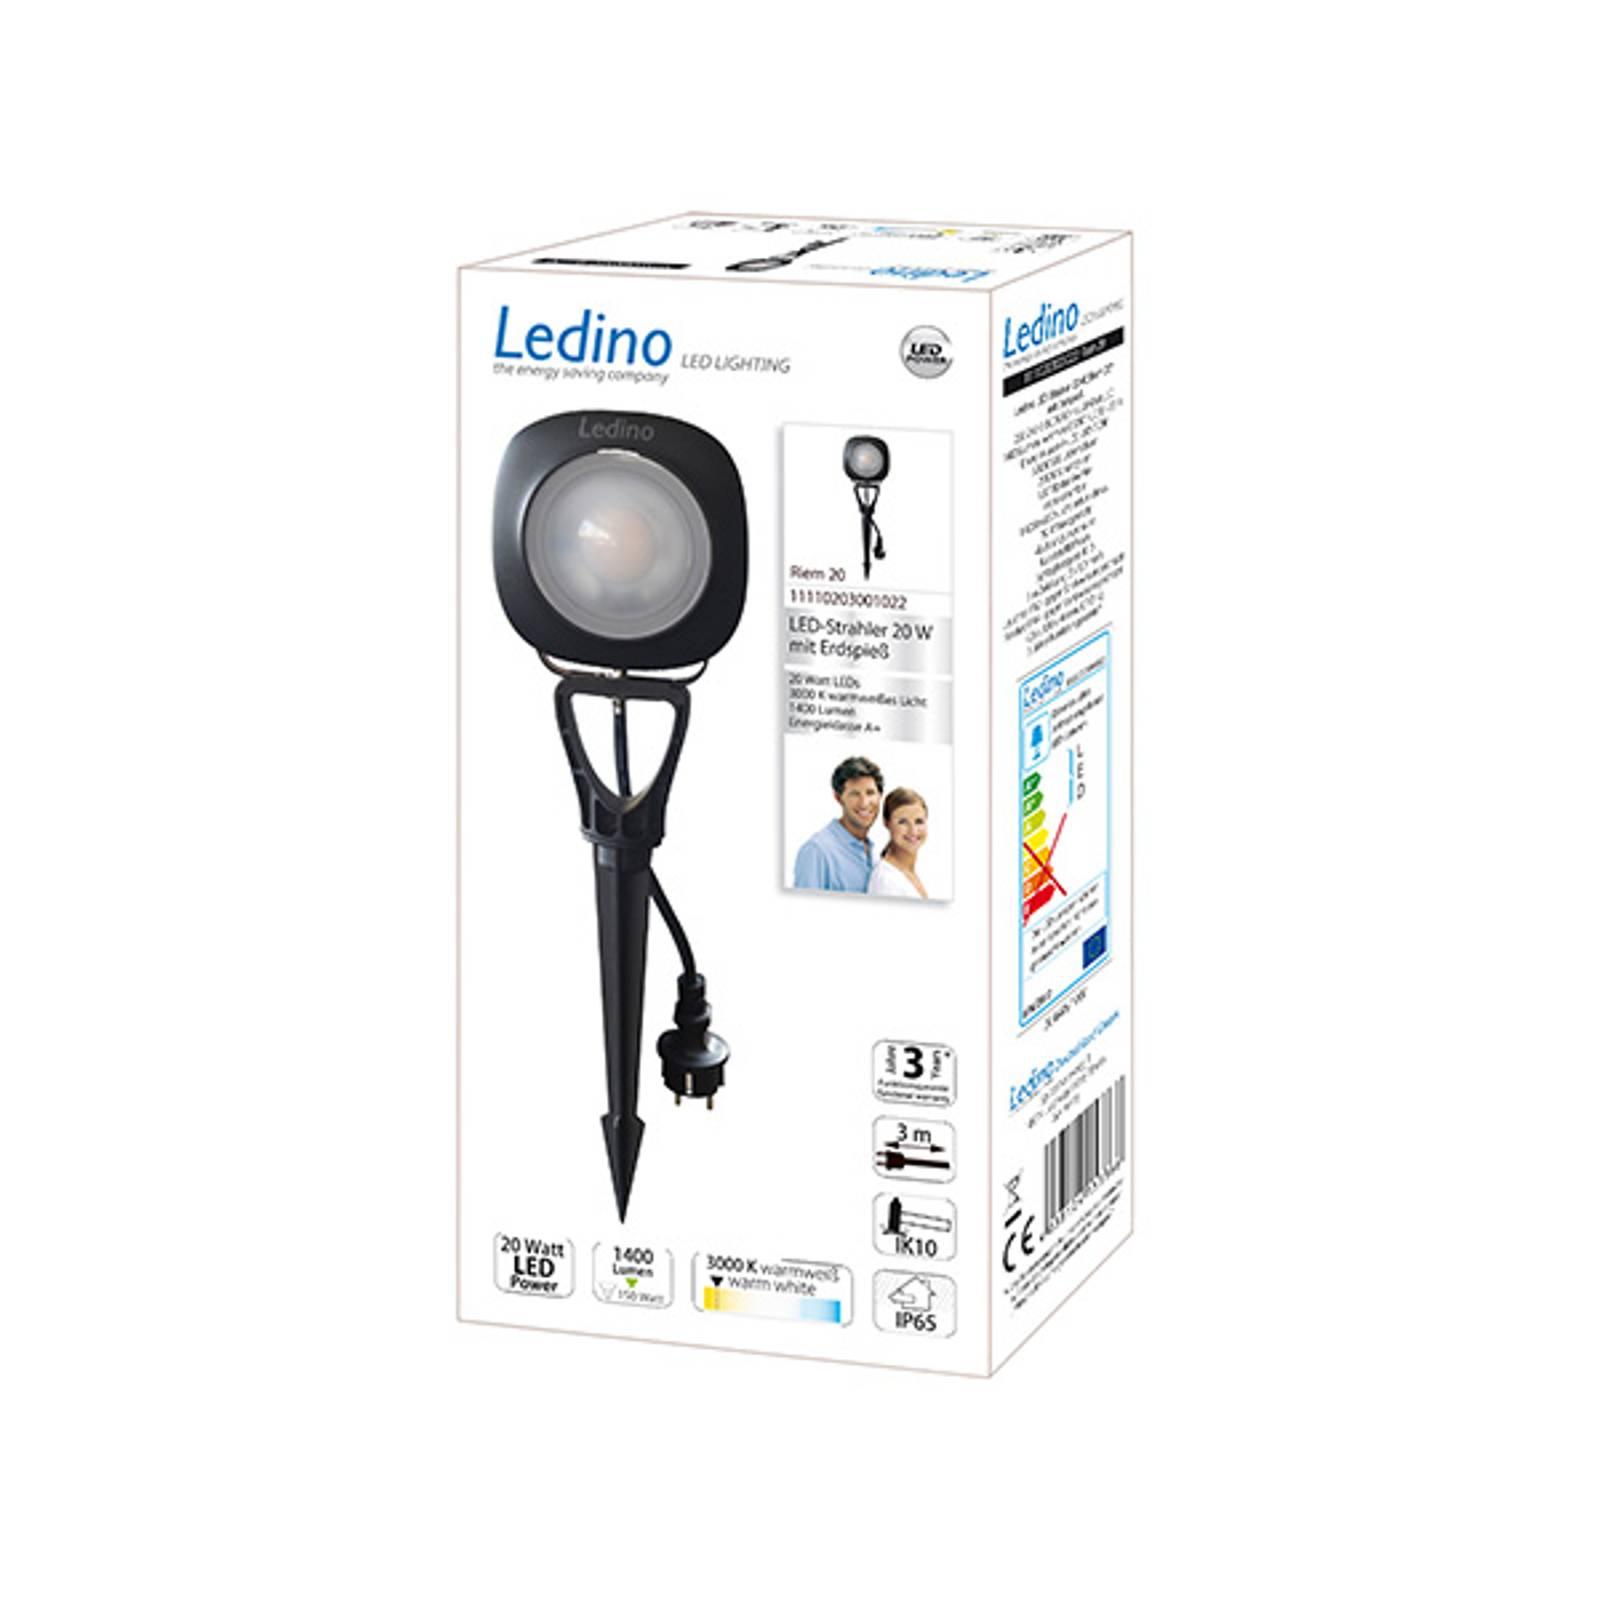 Faretto LED picchetto Riem, 20 Watt